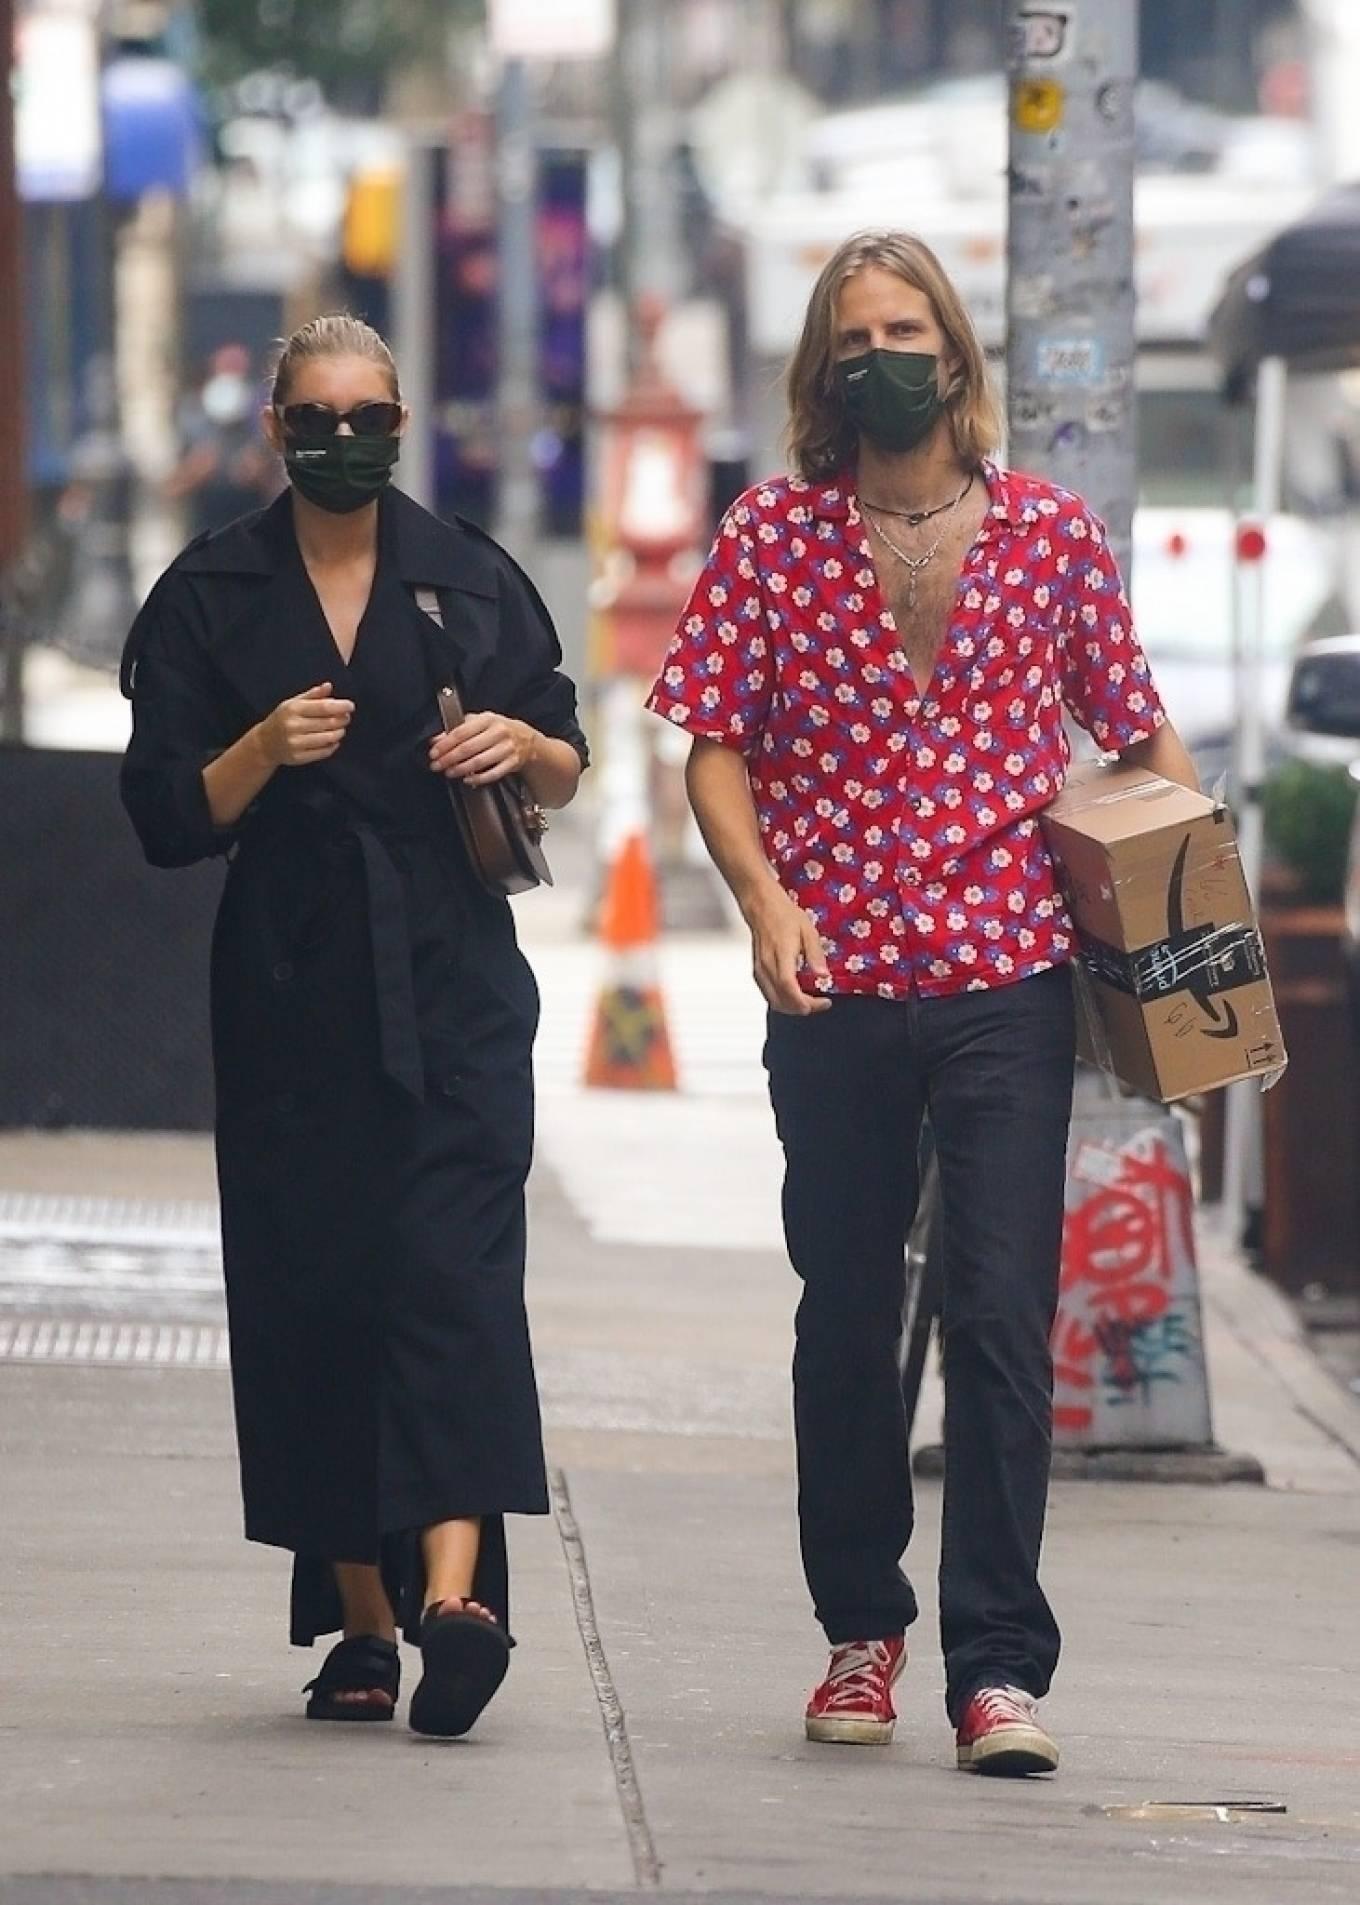 Elsa Hosk 2020 : Elsa Hosk with her boyfriend in New York City-14